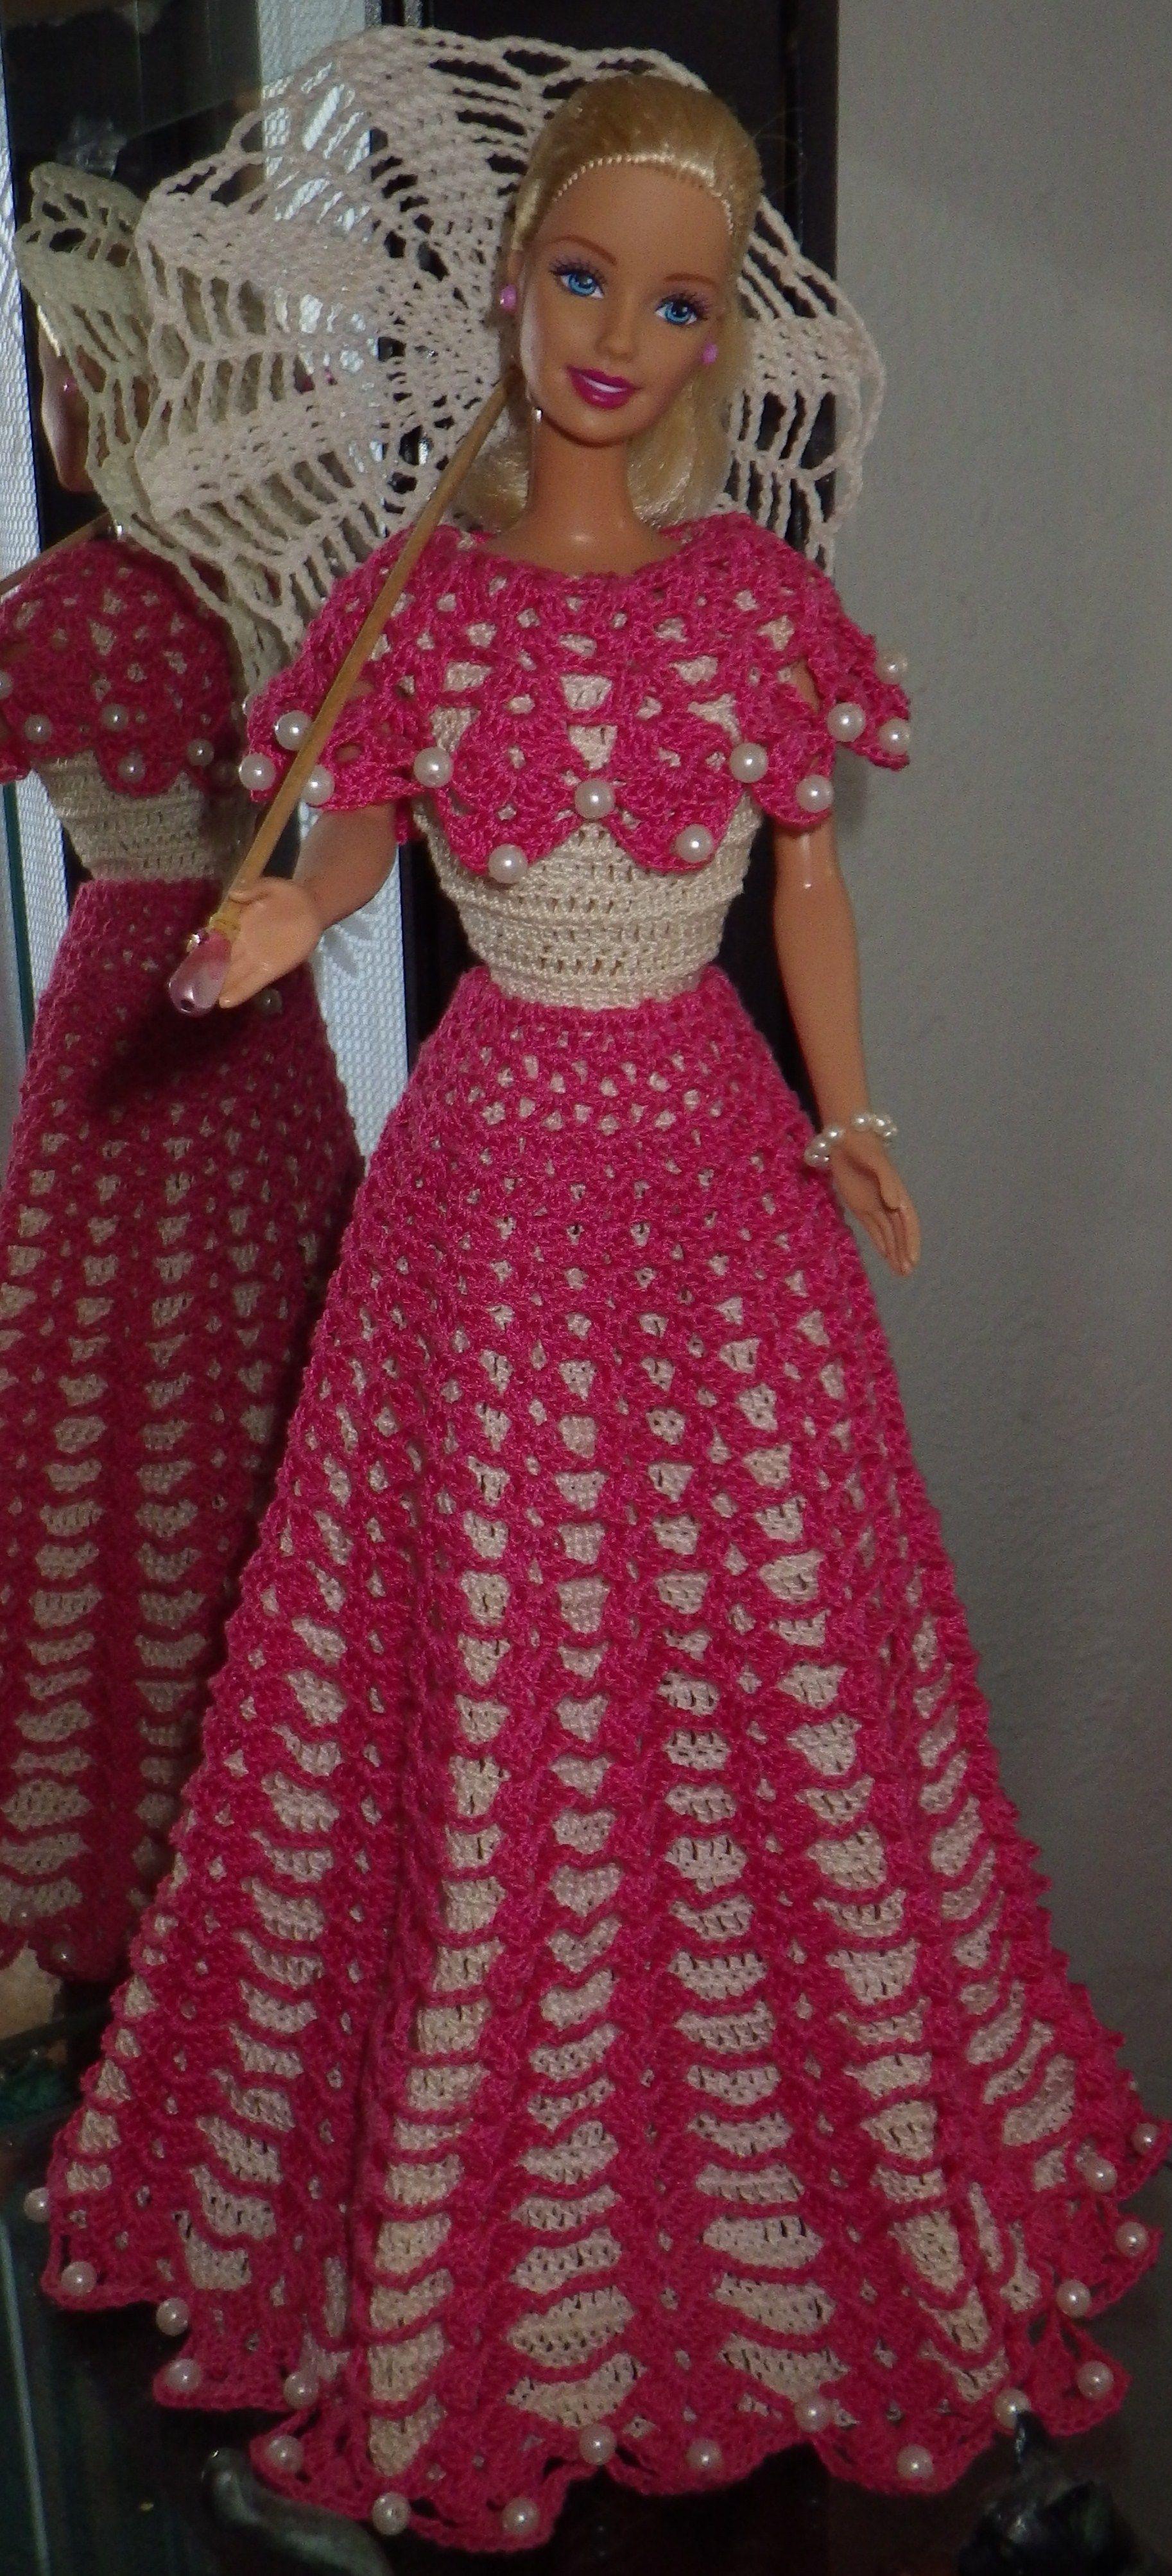 46.12.23.3 / #barbiegownscrochet   Barbie/Doll Crochet/Knits! 3 ...